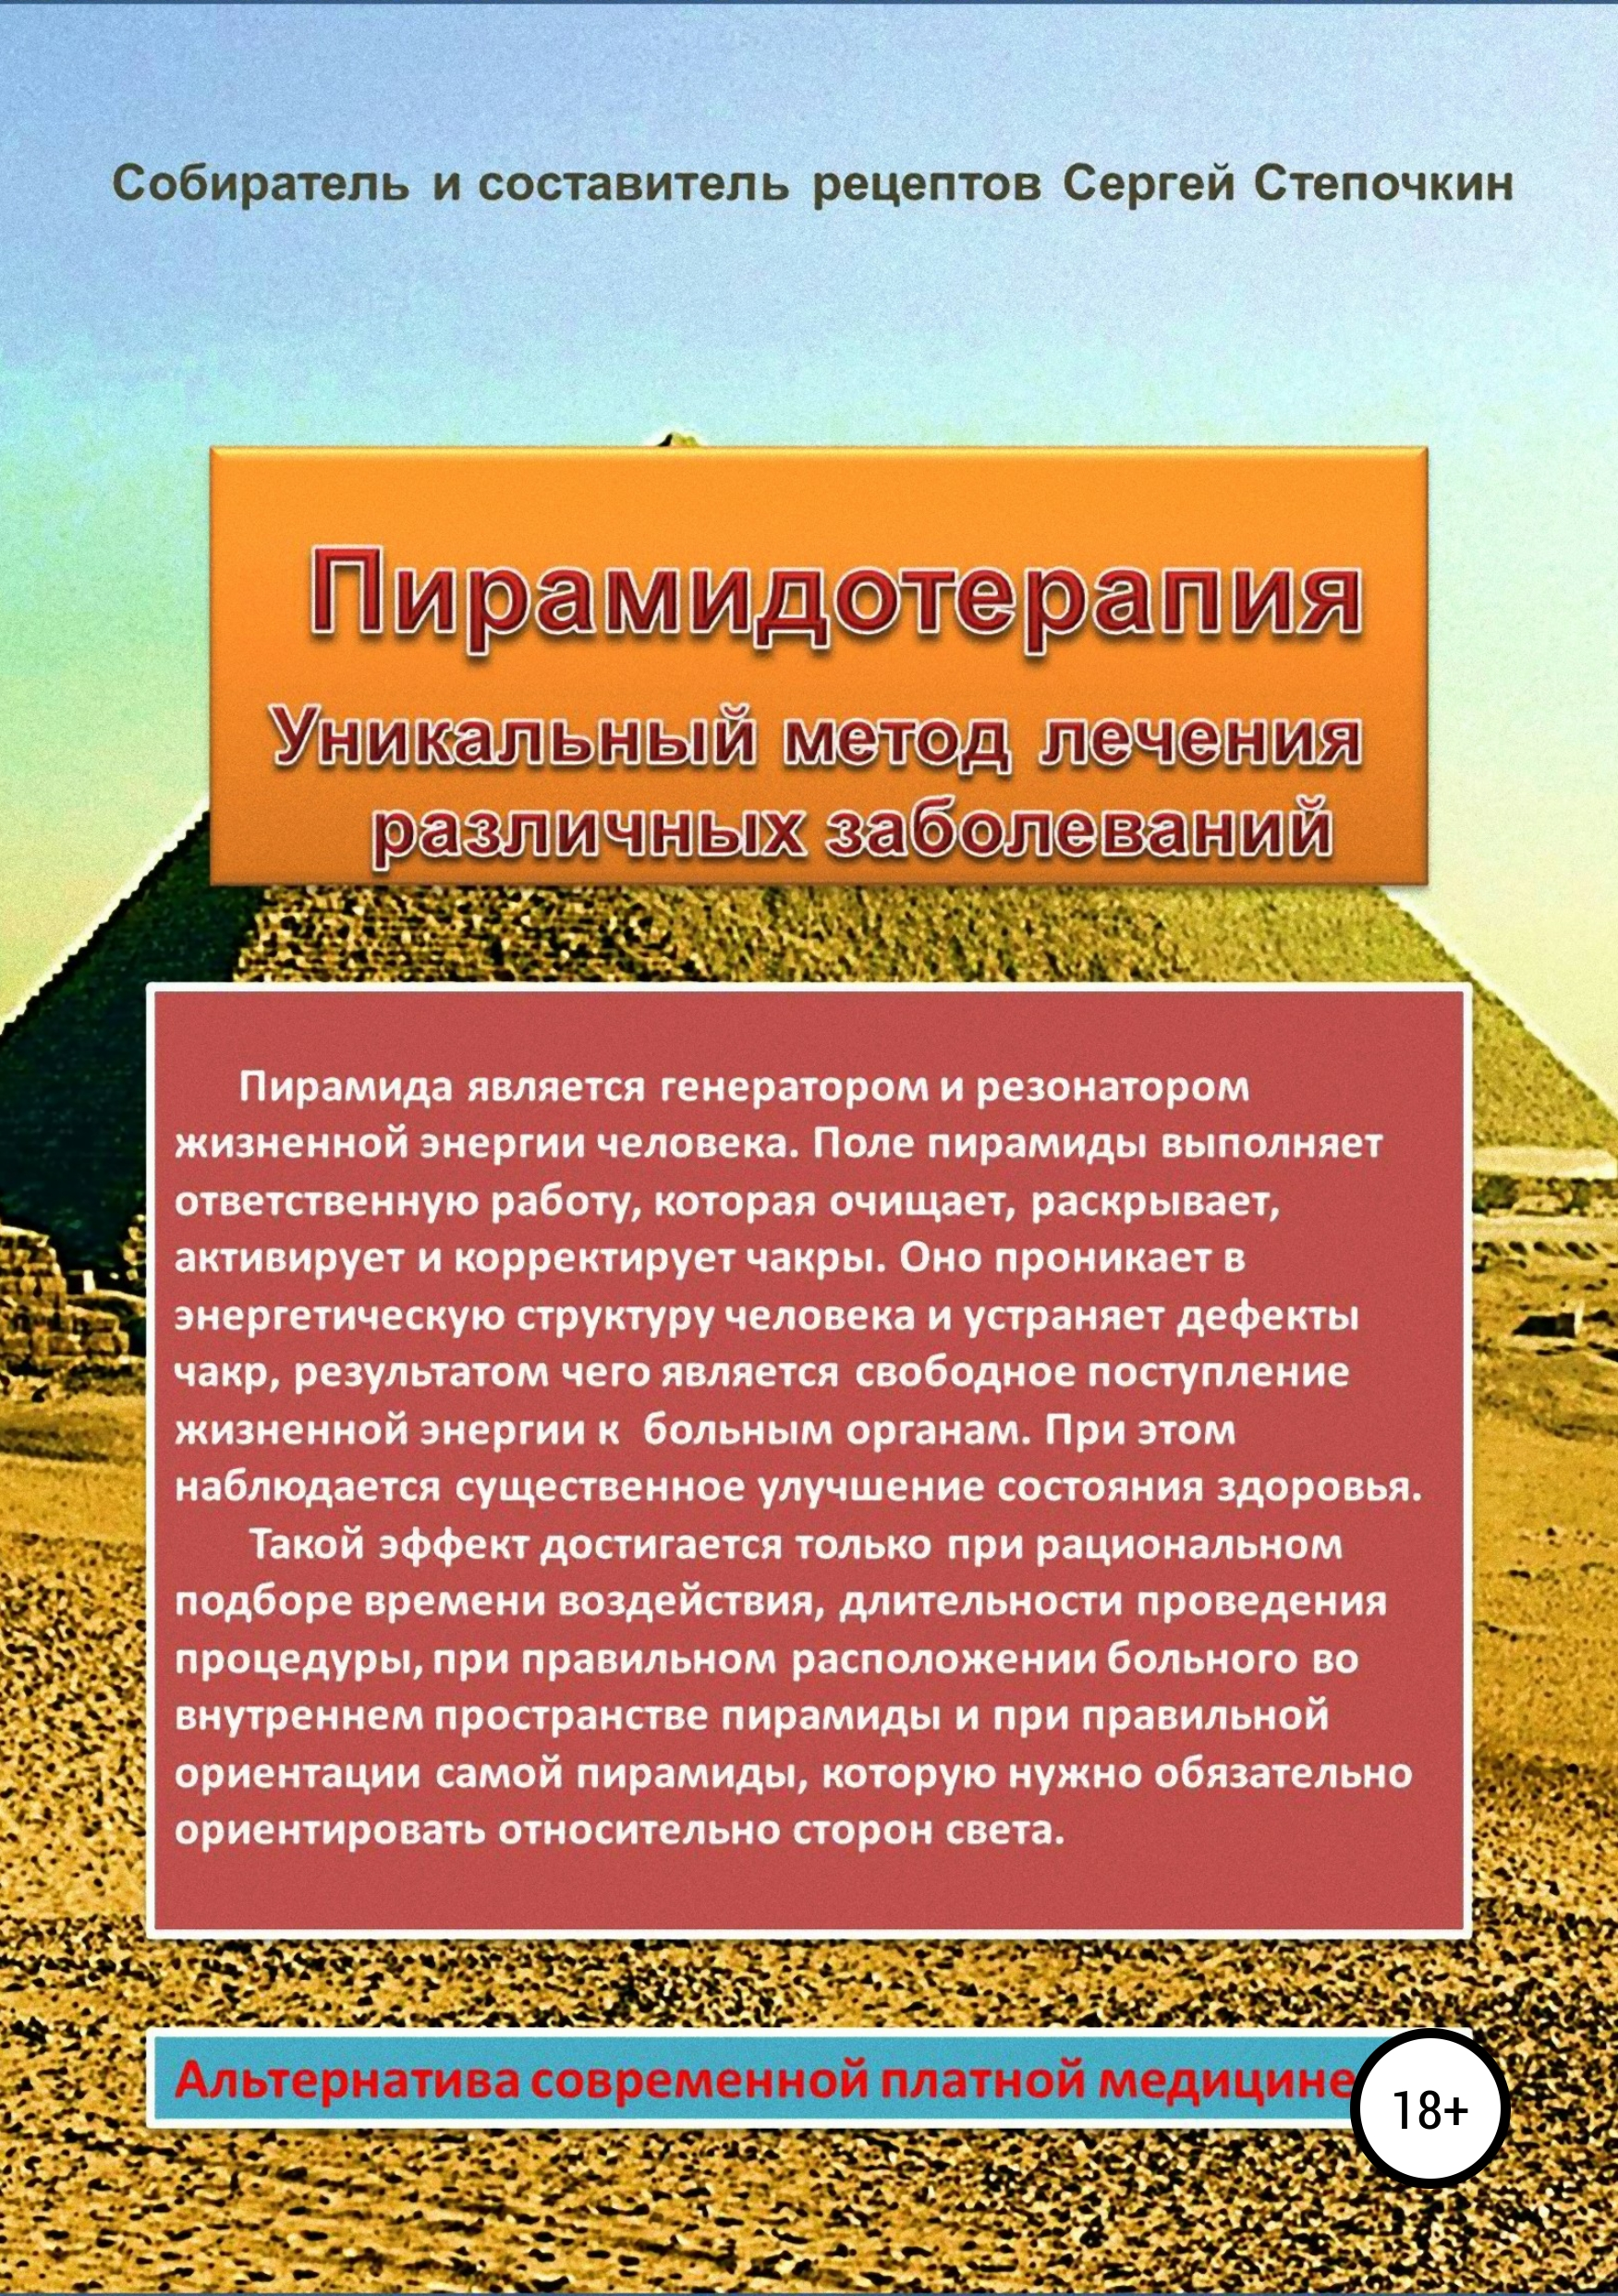 piramidoterapiya unikalnyy metod lecheniya razlichnykh zabolevaniy